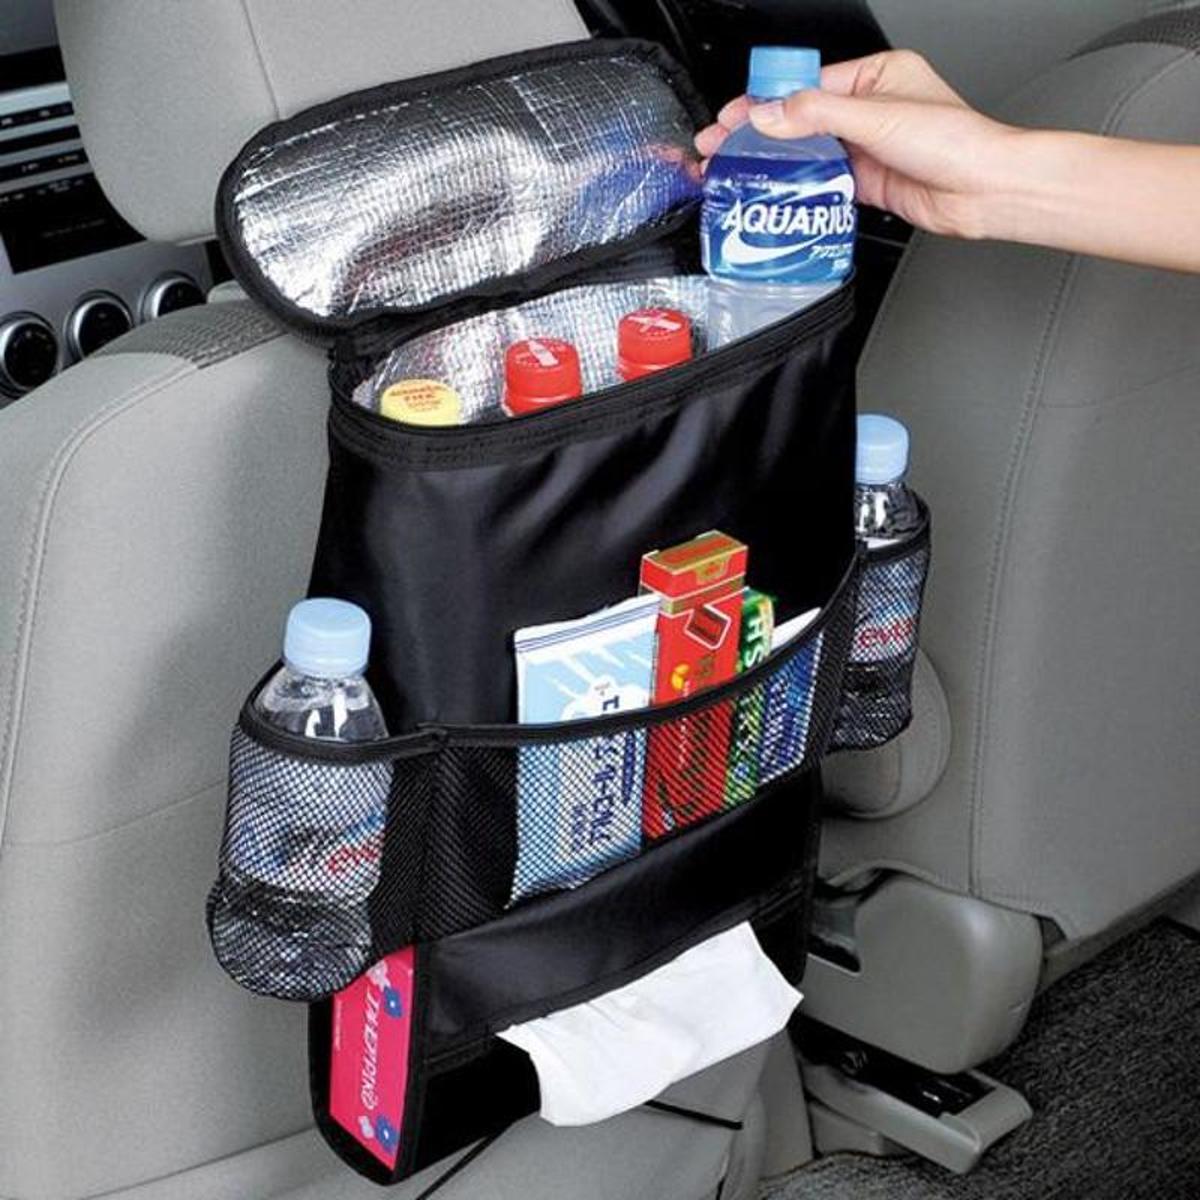 Auto Stoel Organiser / Car Organiser - Opbergvakken voor achterkant stoel – Auto opbergzak – Autostoel zak – Auto koelbox - Autostoelhoes- opberg zak kinderen kopen